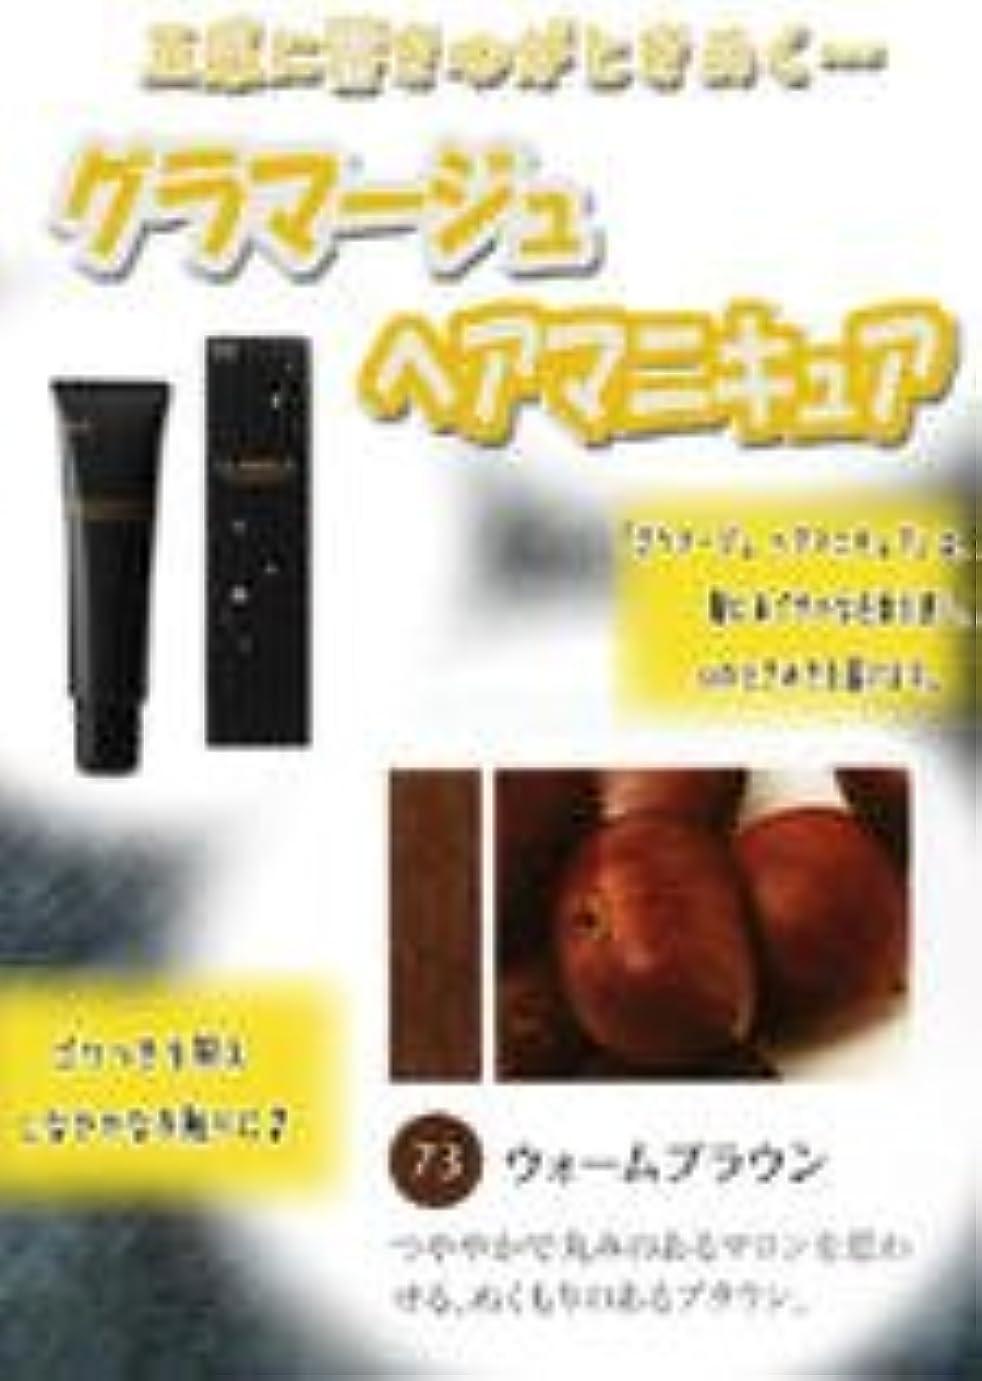 アッパー受粉するベースHOYU ホーユー グラマージュ ヘアマニキュア 73 ウォームブラウン 150g 【ブラウン系】